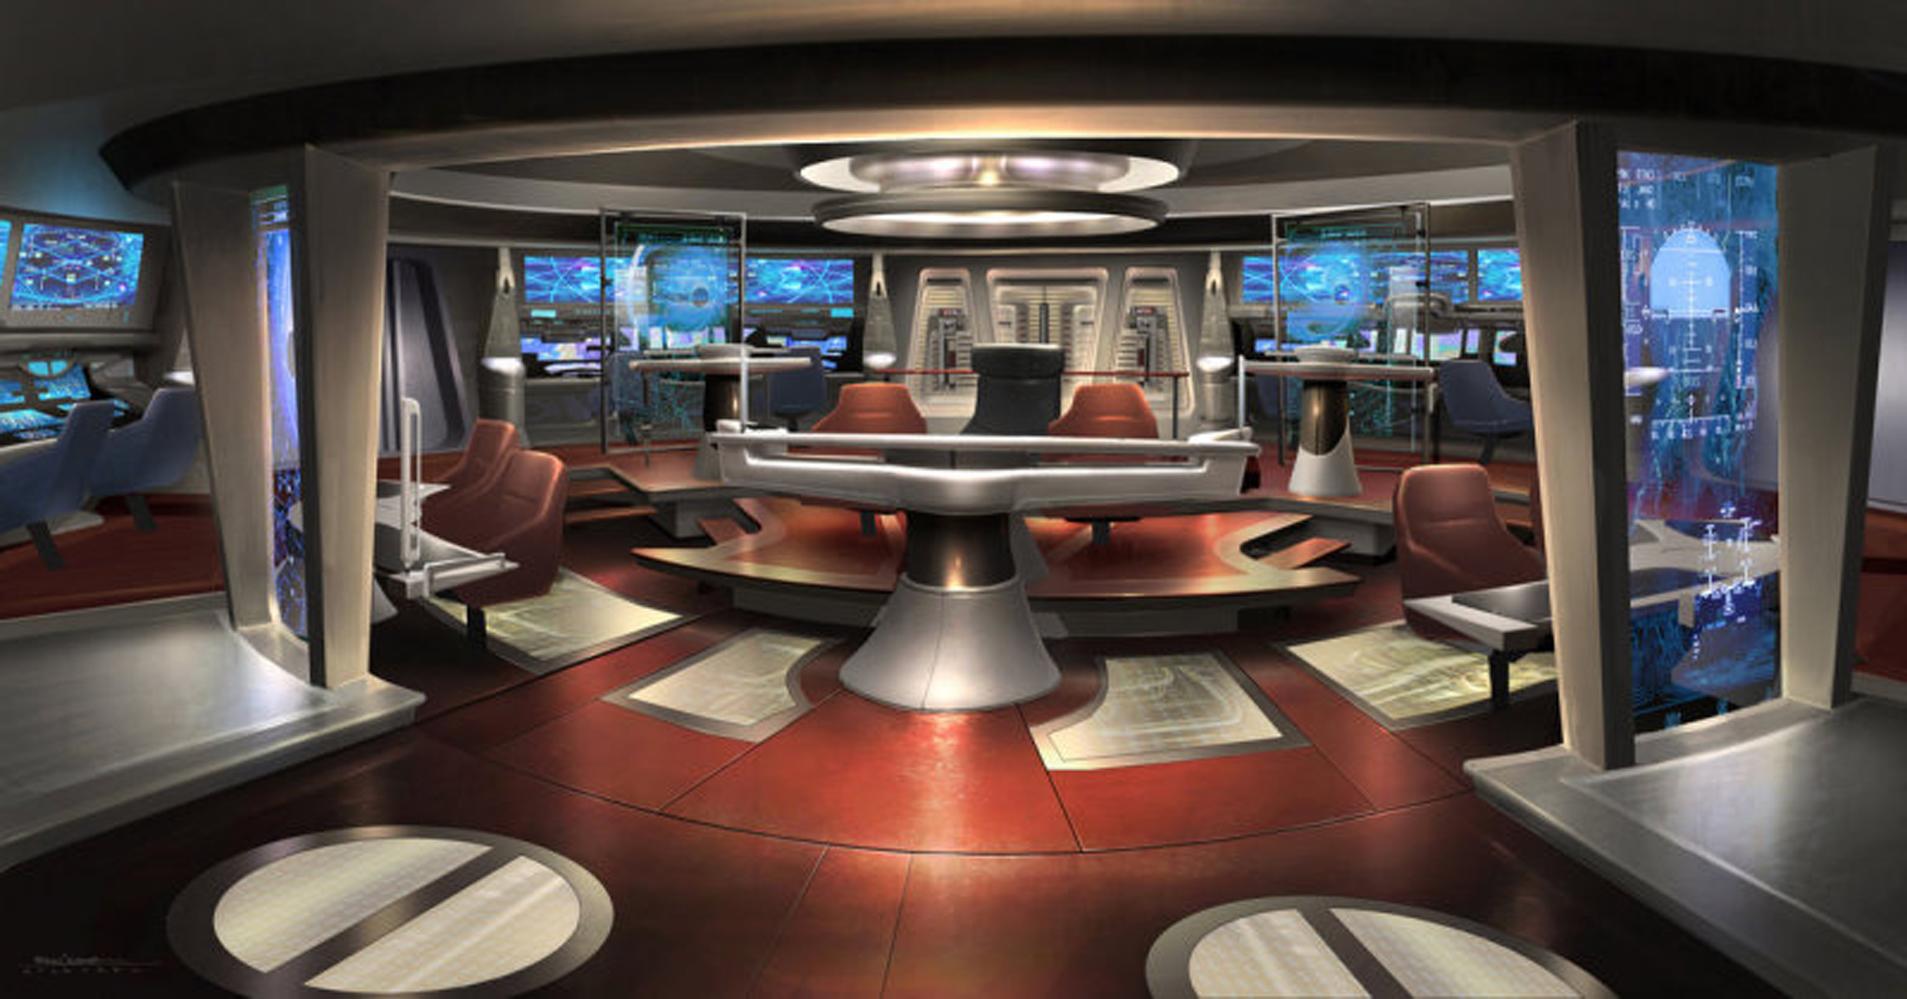 Star Trek Meeting Room